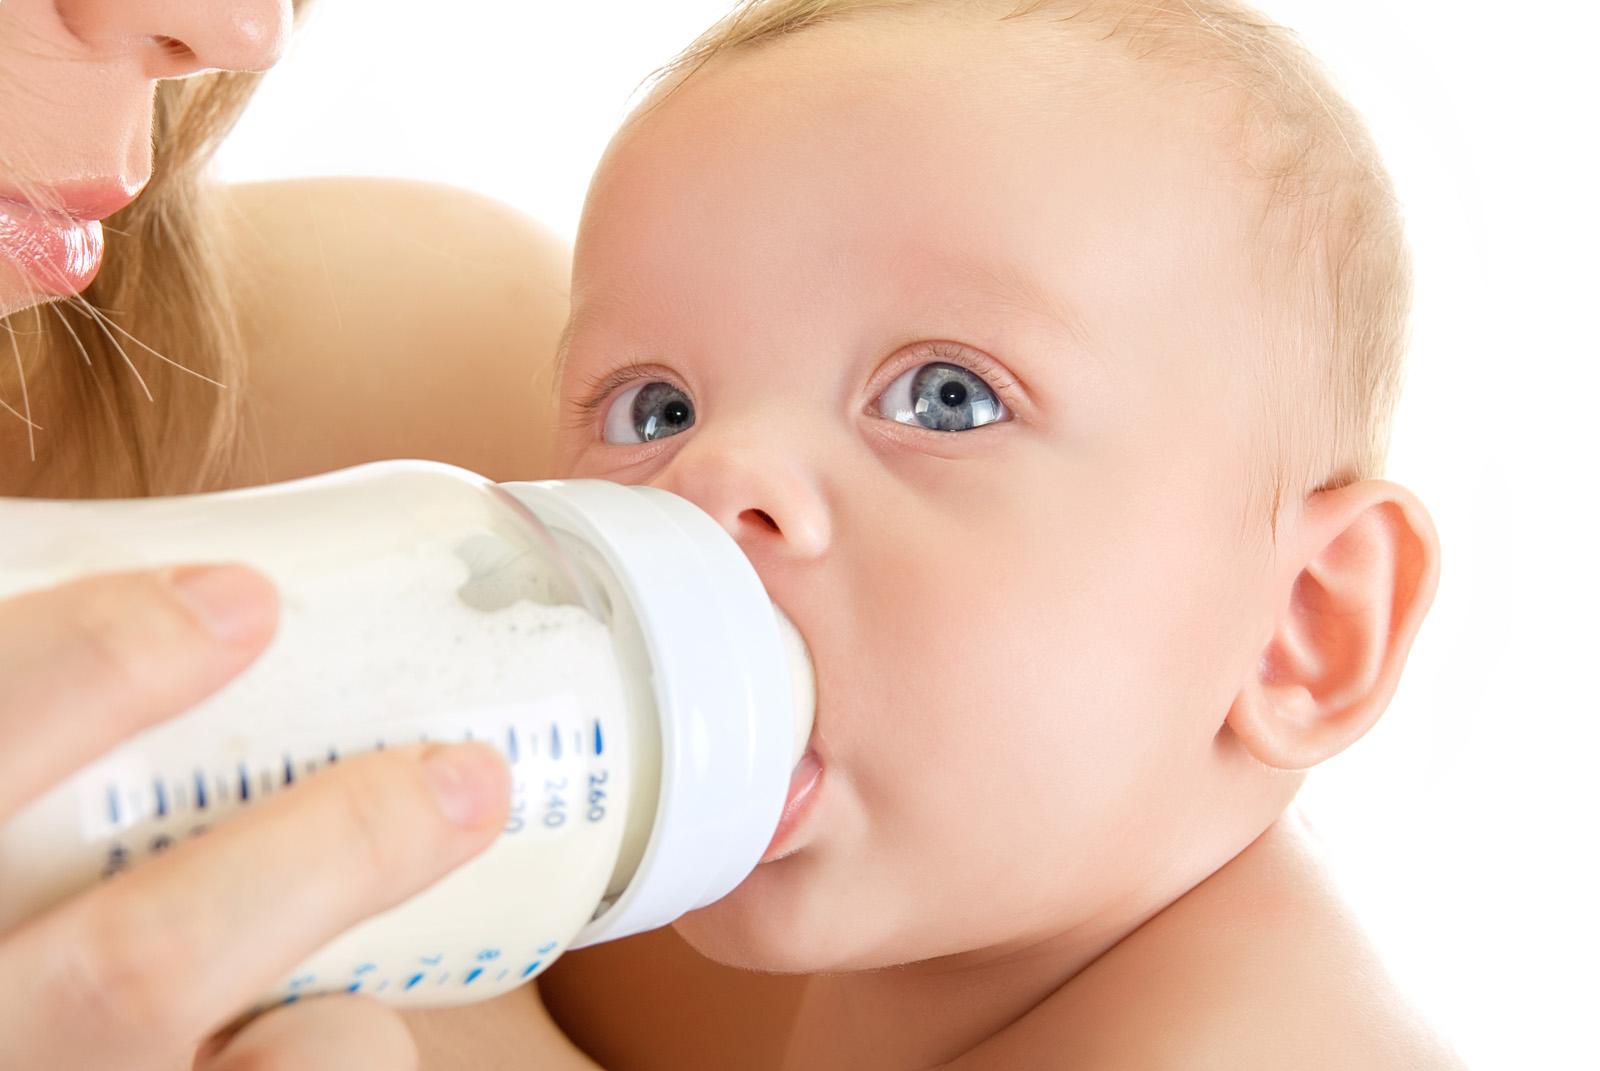 Искусственное вскармливание молочной смесью